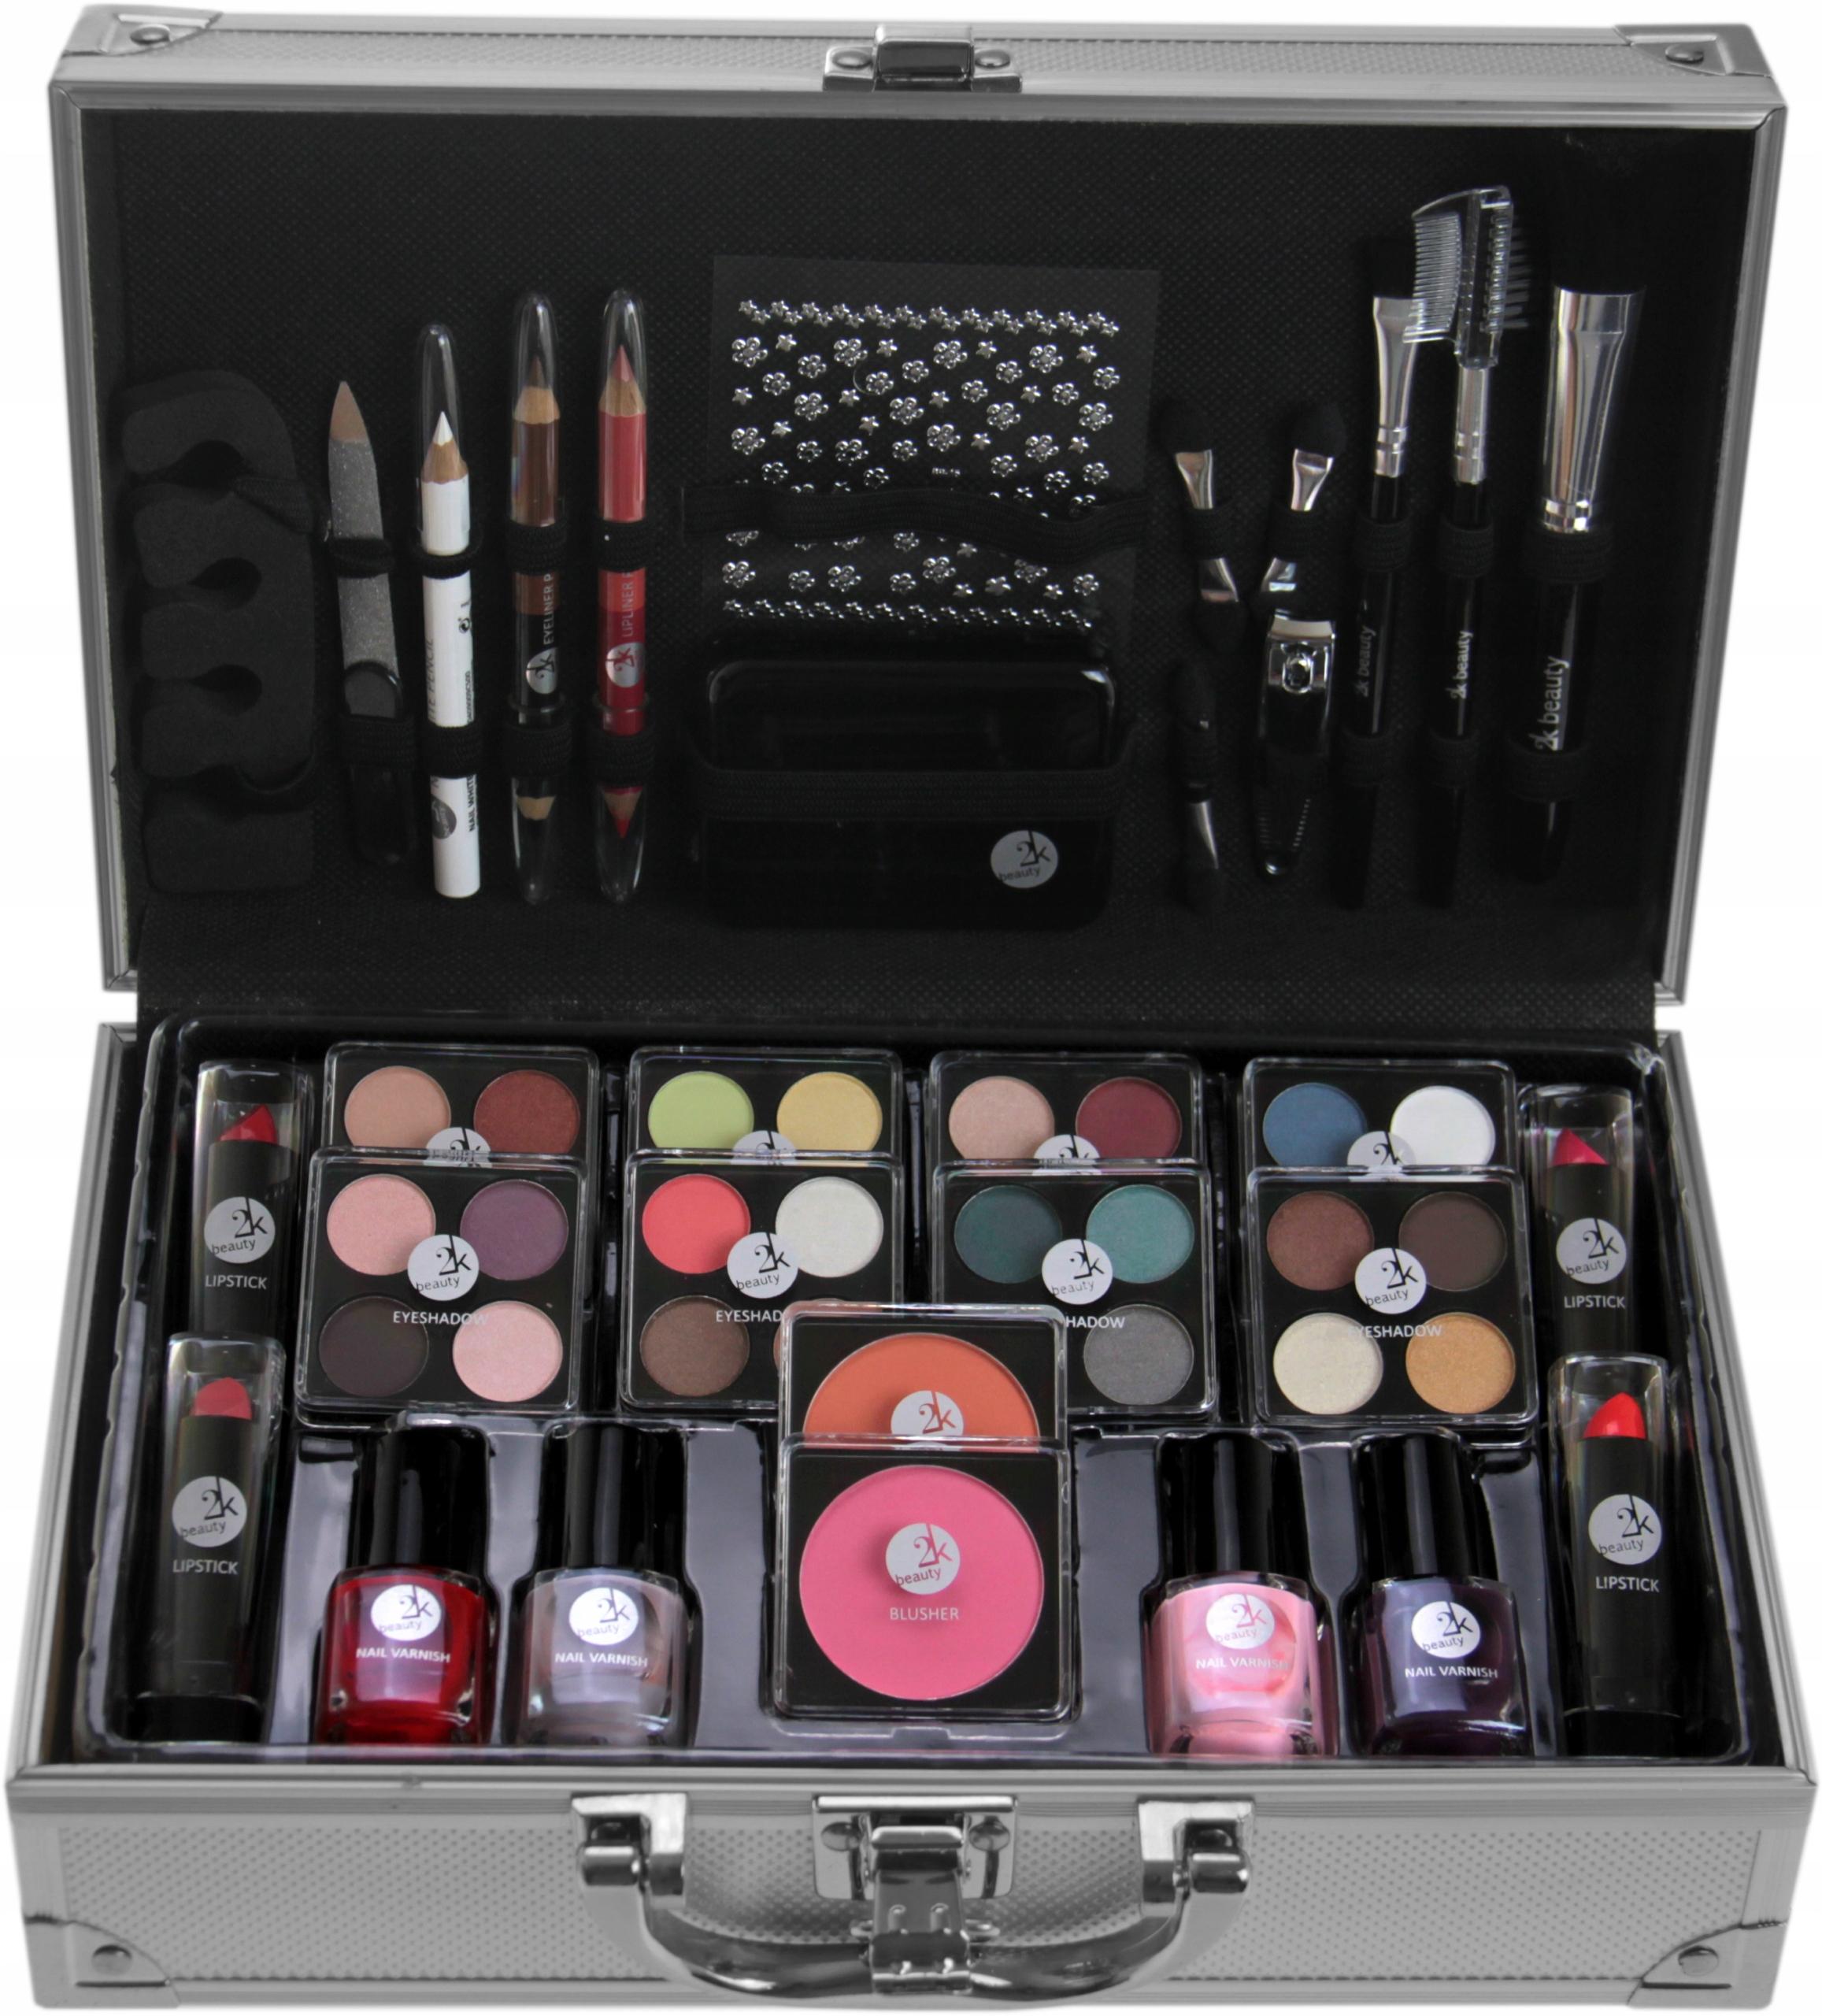 Косметика профессиональная для макияжа купить в краснодаре биоматрикс косметика купить официальный сайт